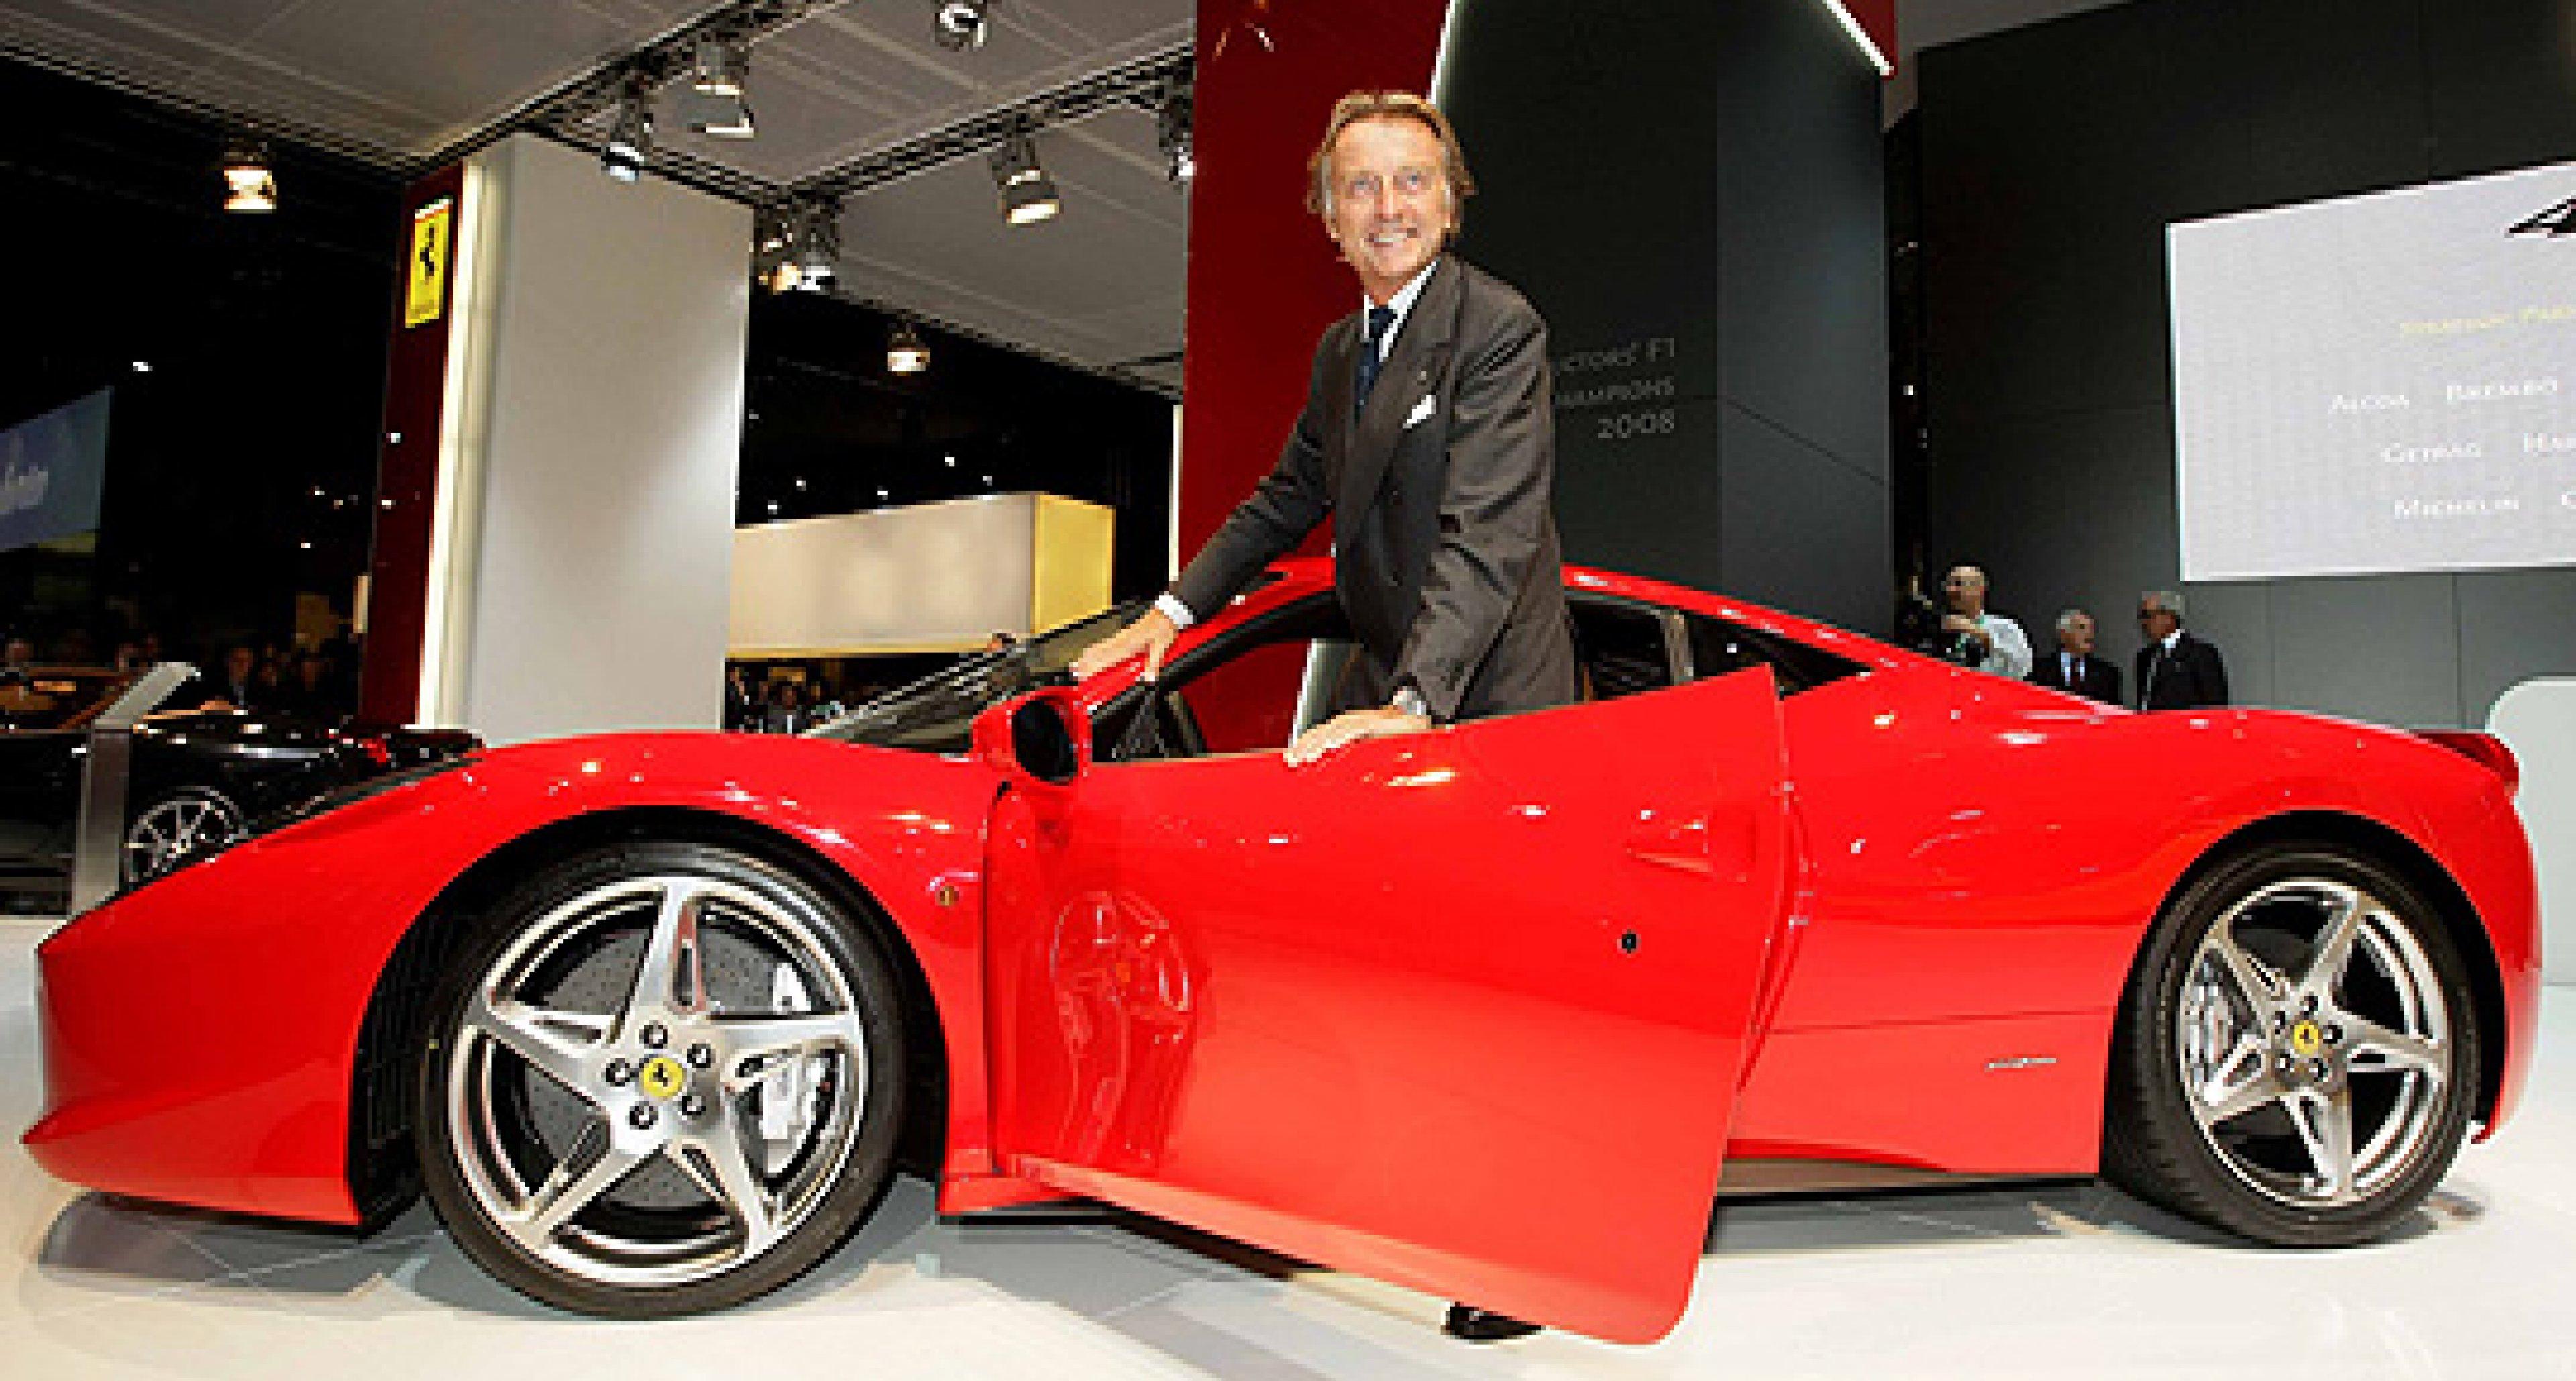 Ferrari 458 Italia - As Presented by Luca di Montezemolo and Michael Schumacher